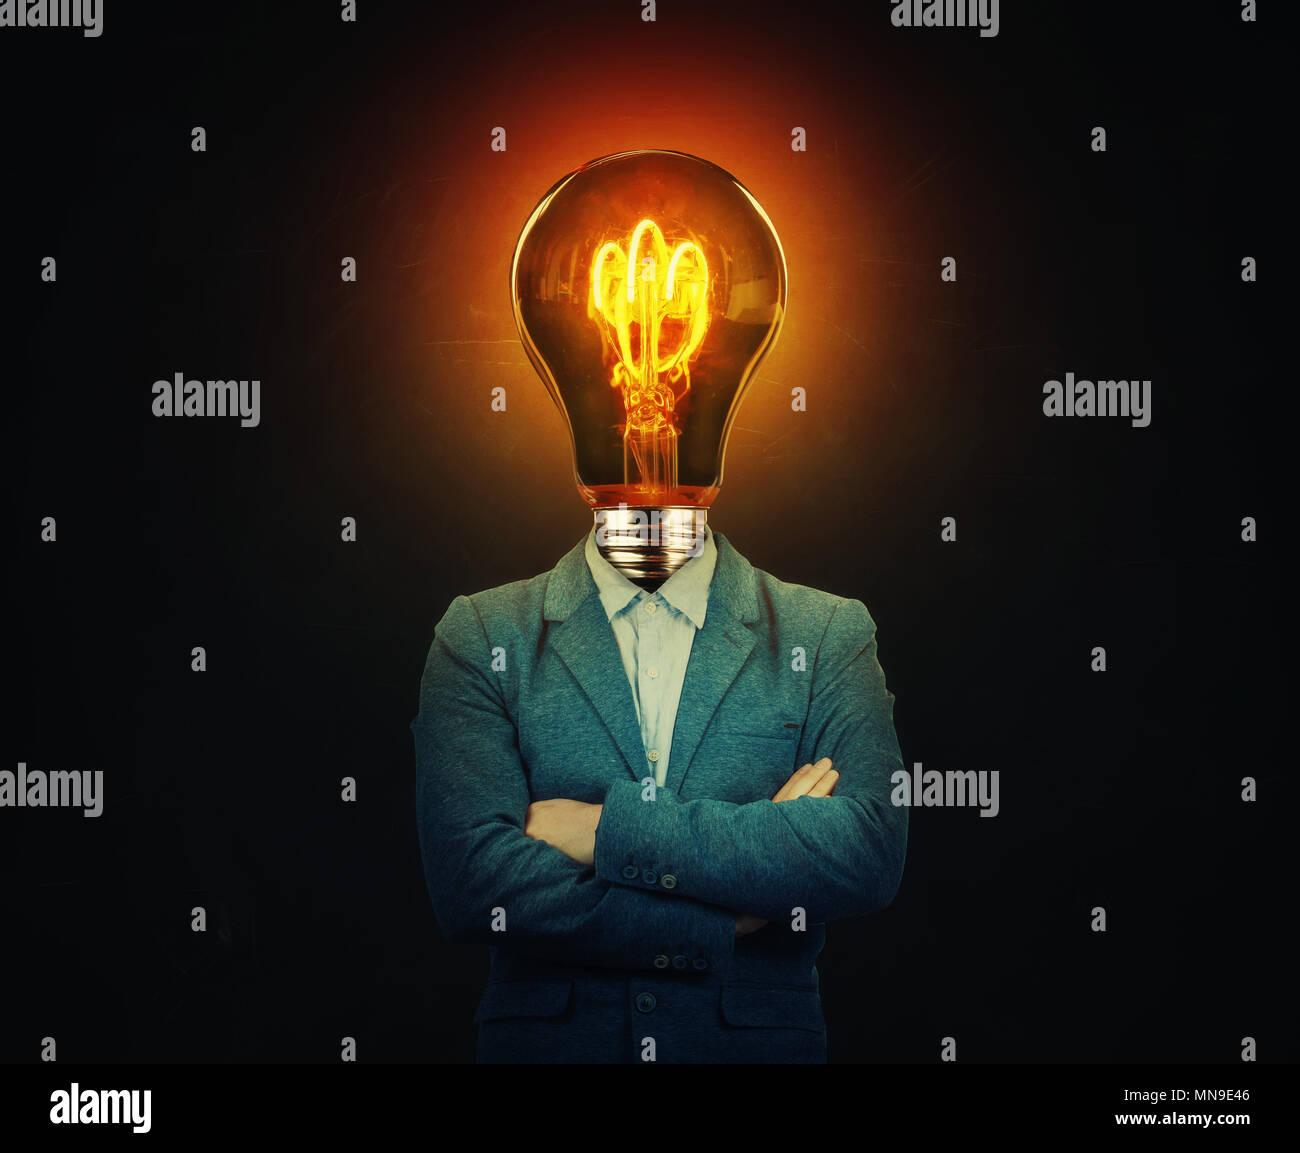 Image surréaliste comme un homme d'affaires graves avec une ampoule au lieu de la tête avec les mains croisées sur fond noir. Idée d'entreprise et la créativité symbole. Banque D'Images